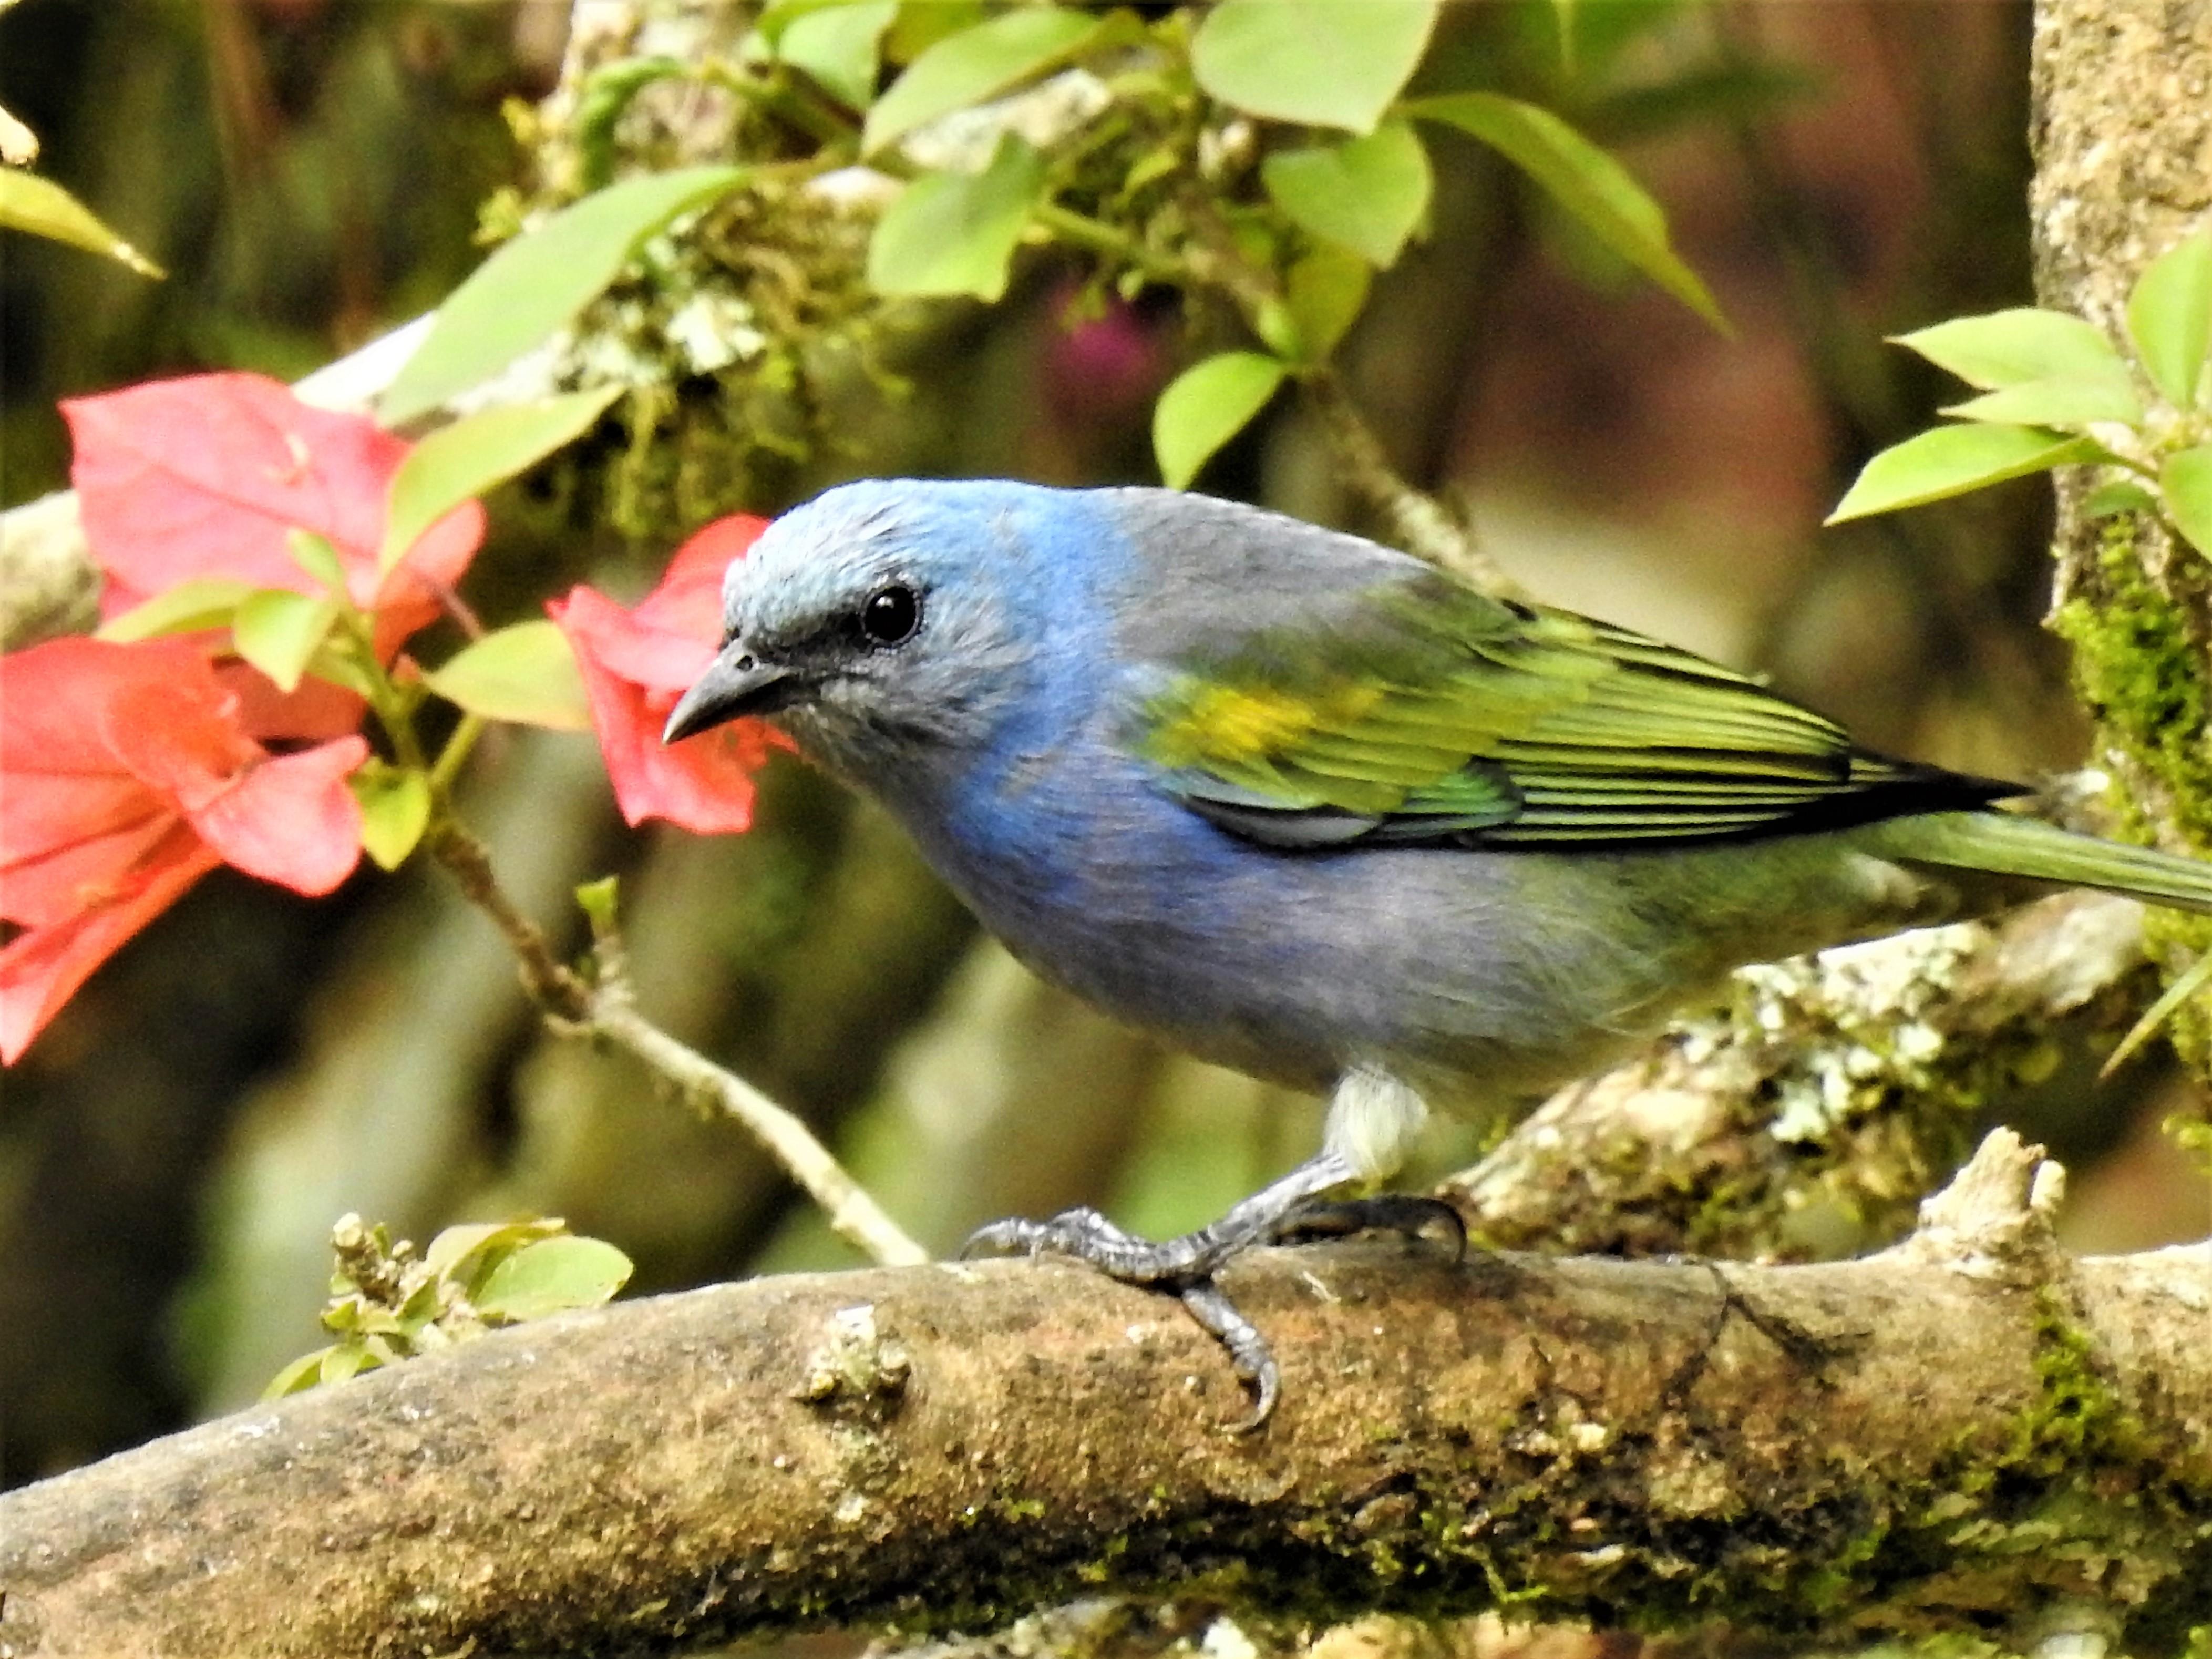 Sanhaçu-de-encontro-amarelo (2)